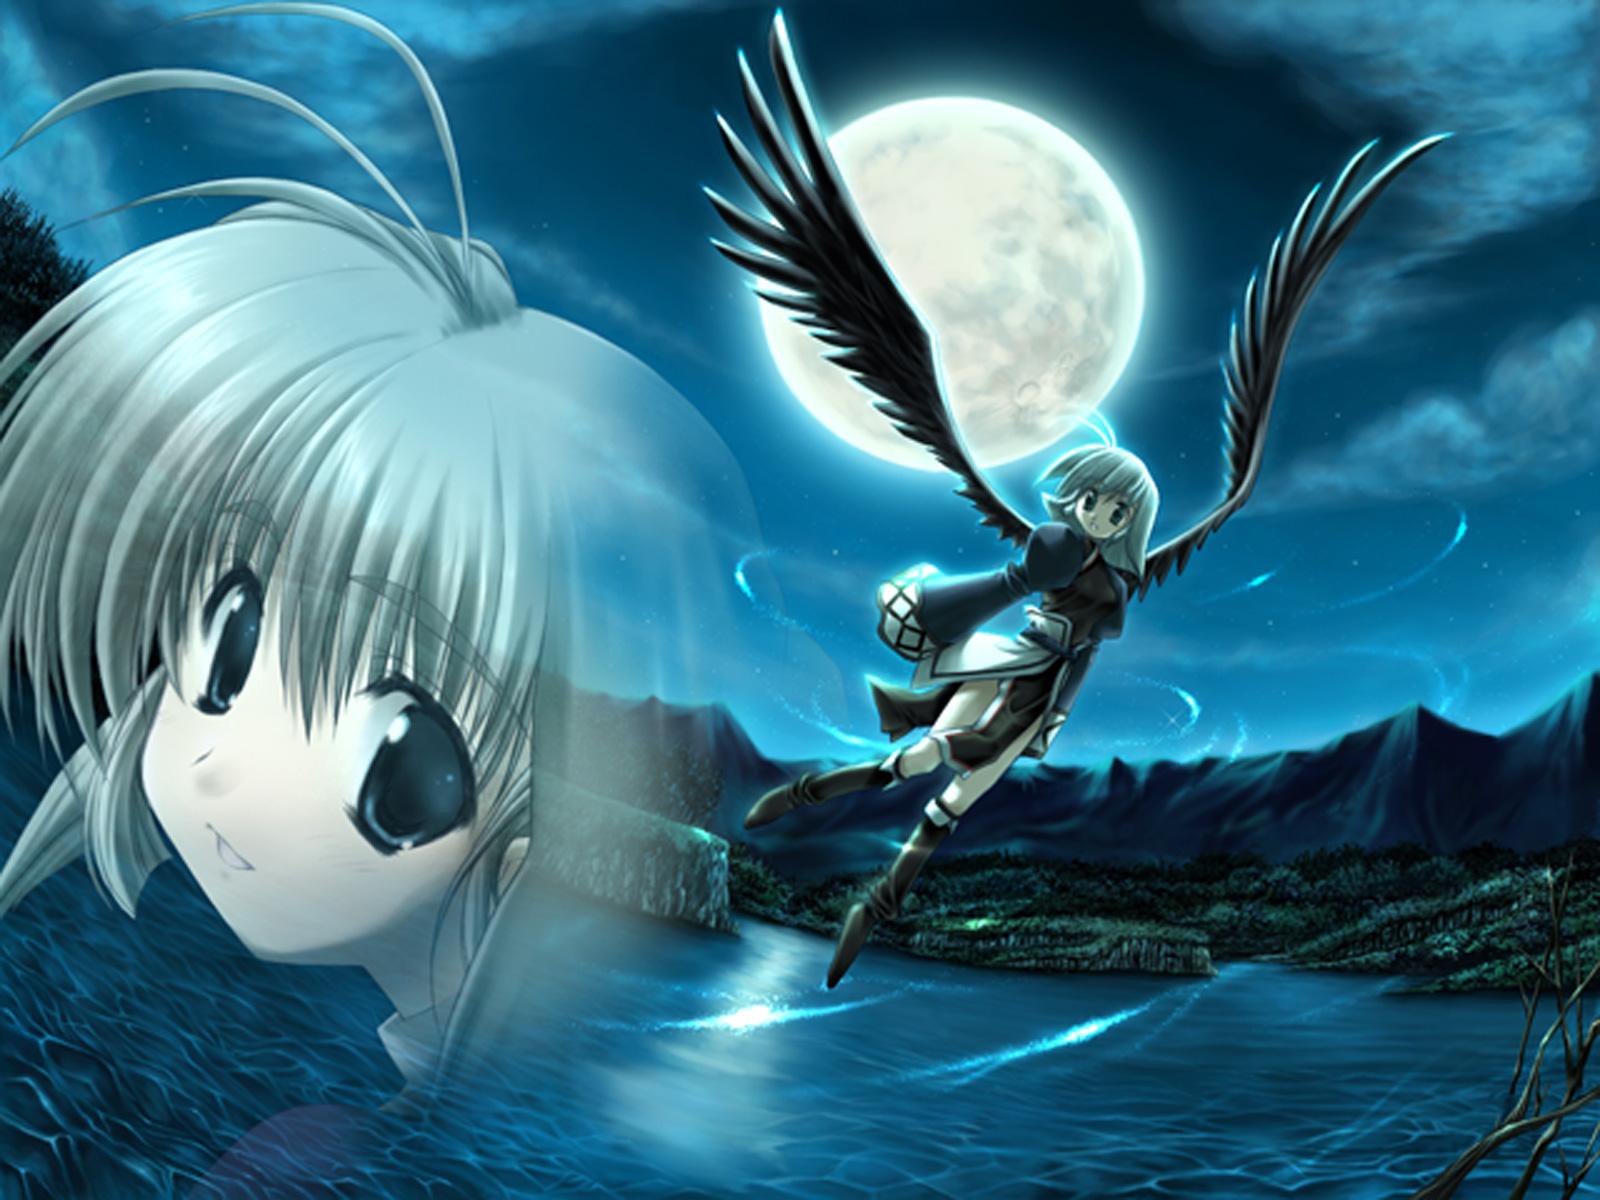 Аниме black angel 2 чёрный ангел 2 скачать